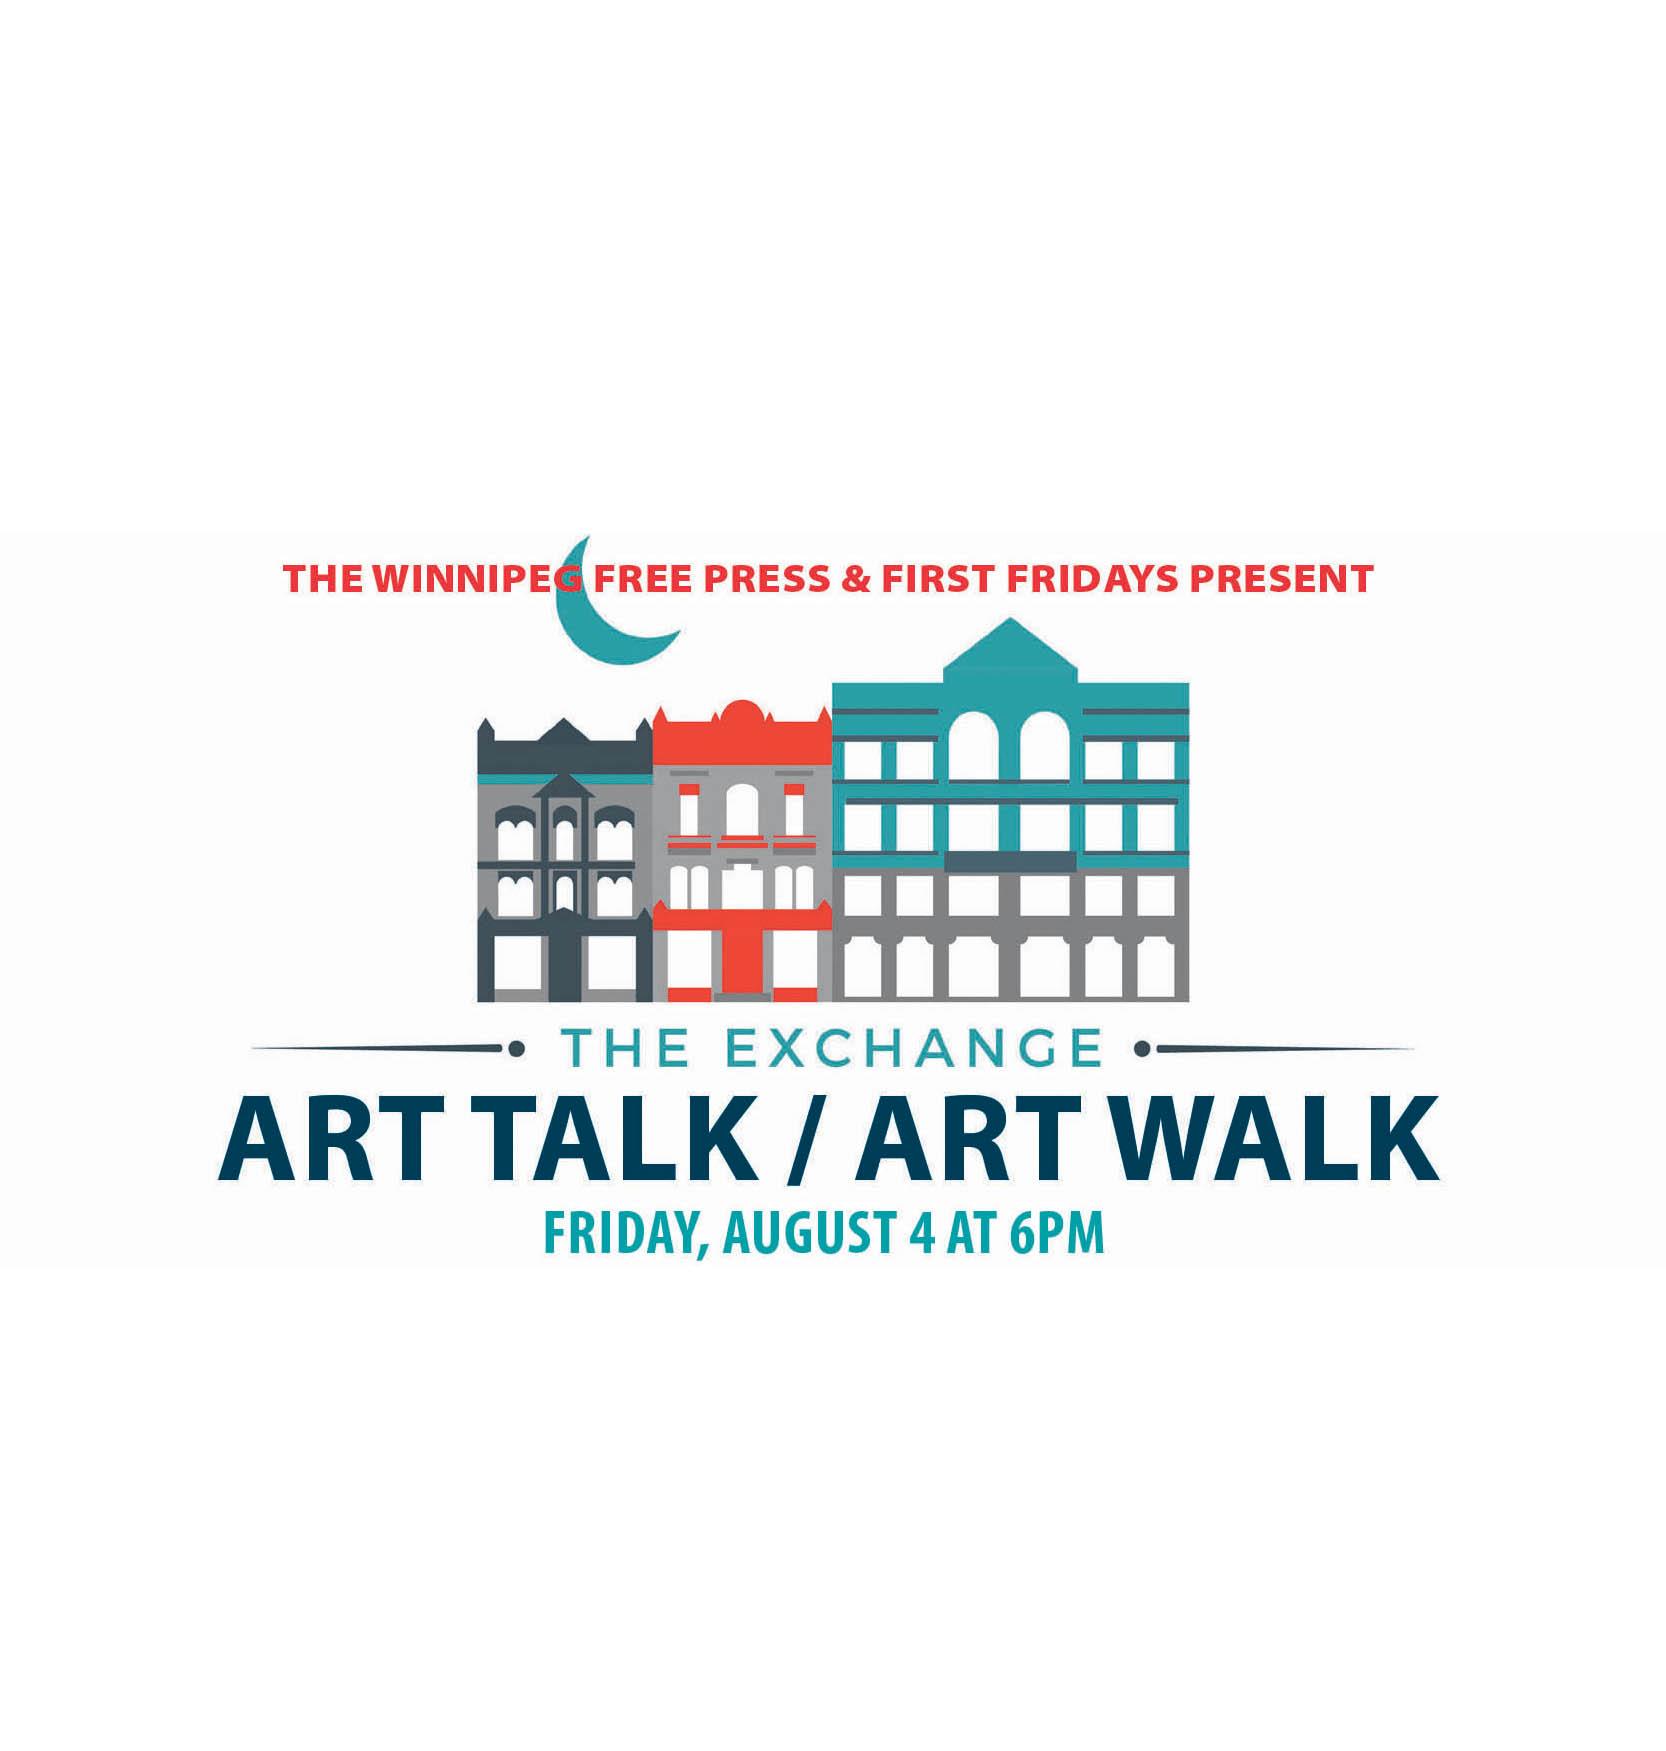 FB ART TALK ART WALK